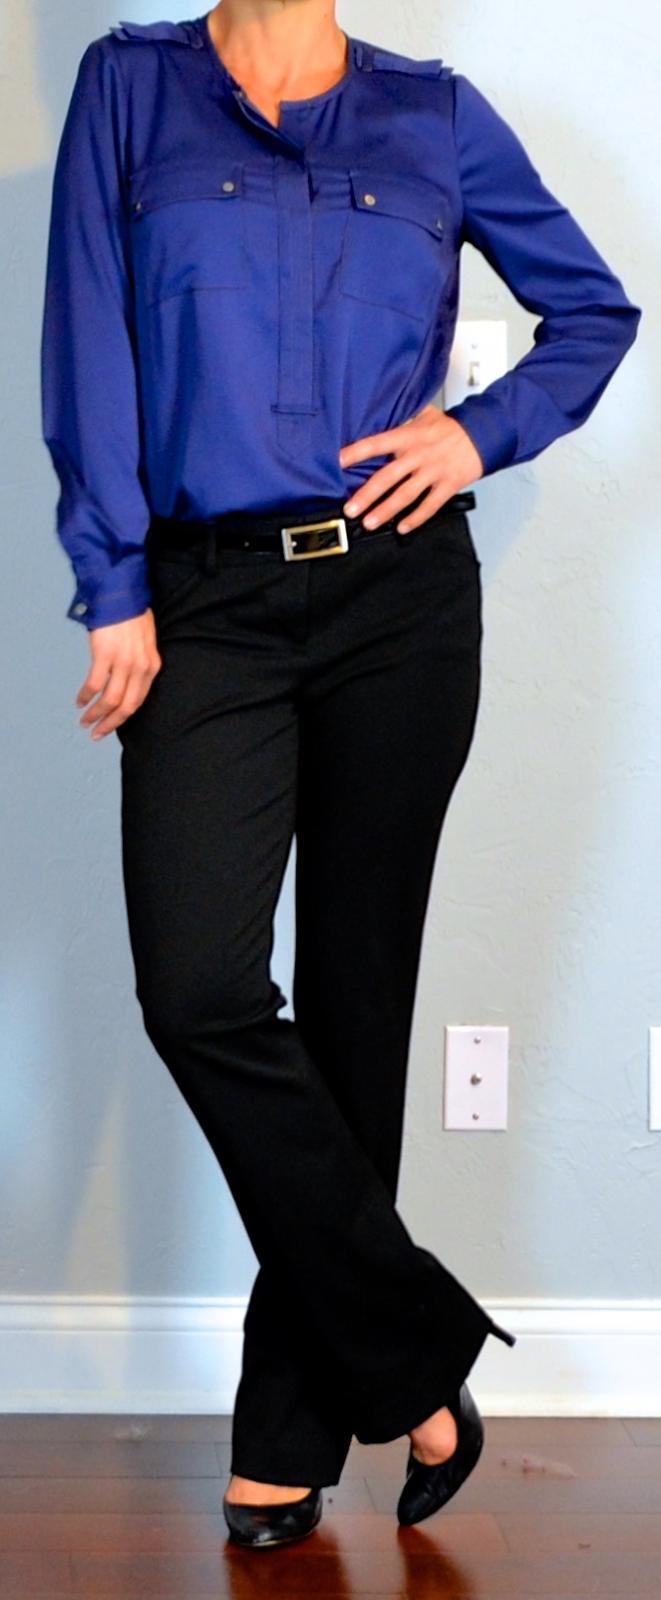 74913e80c3e9e4 outfit post  navy silk blouse